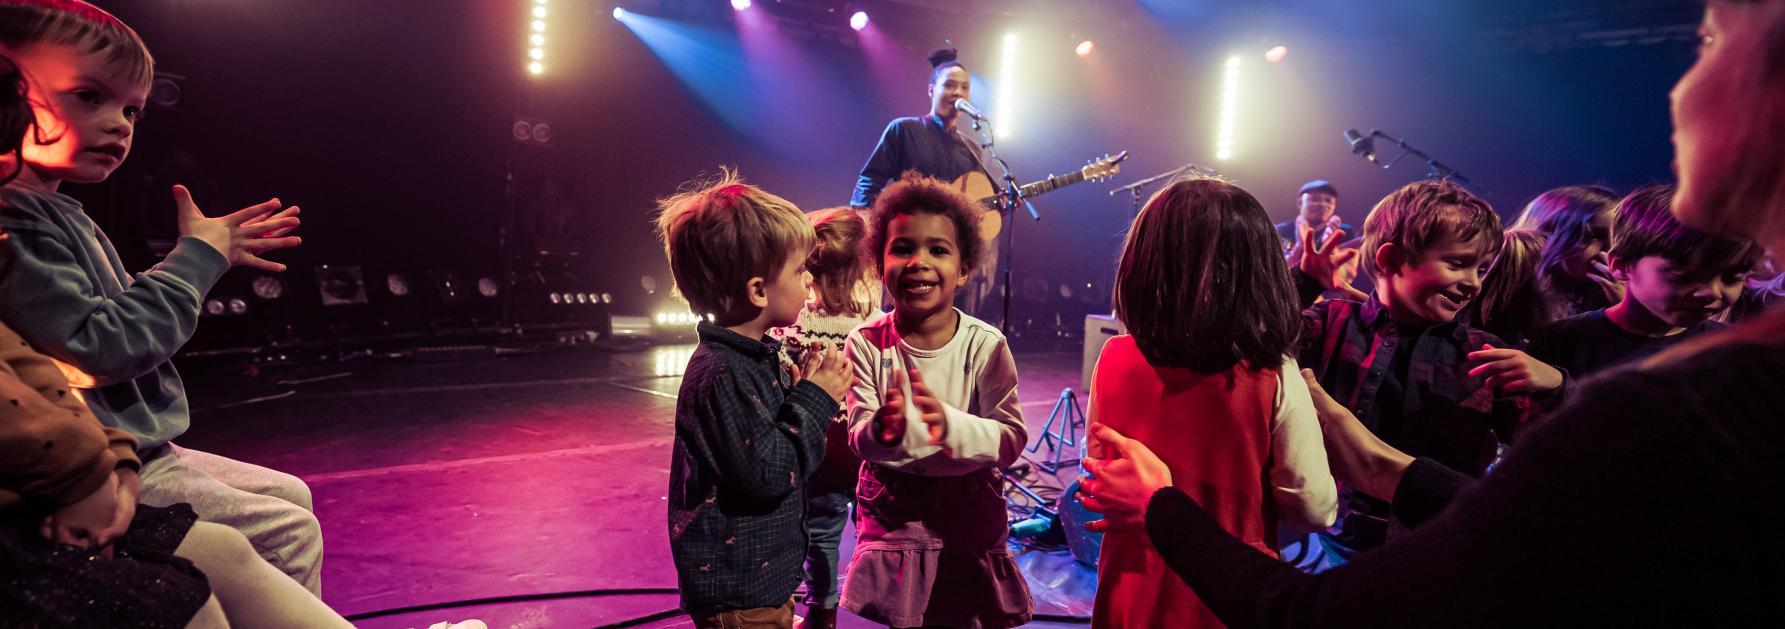 Kinderen dansen op een concert